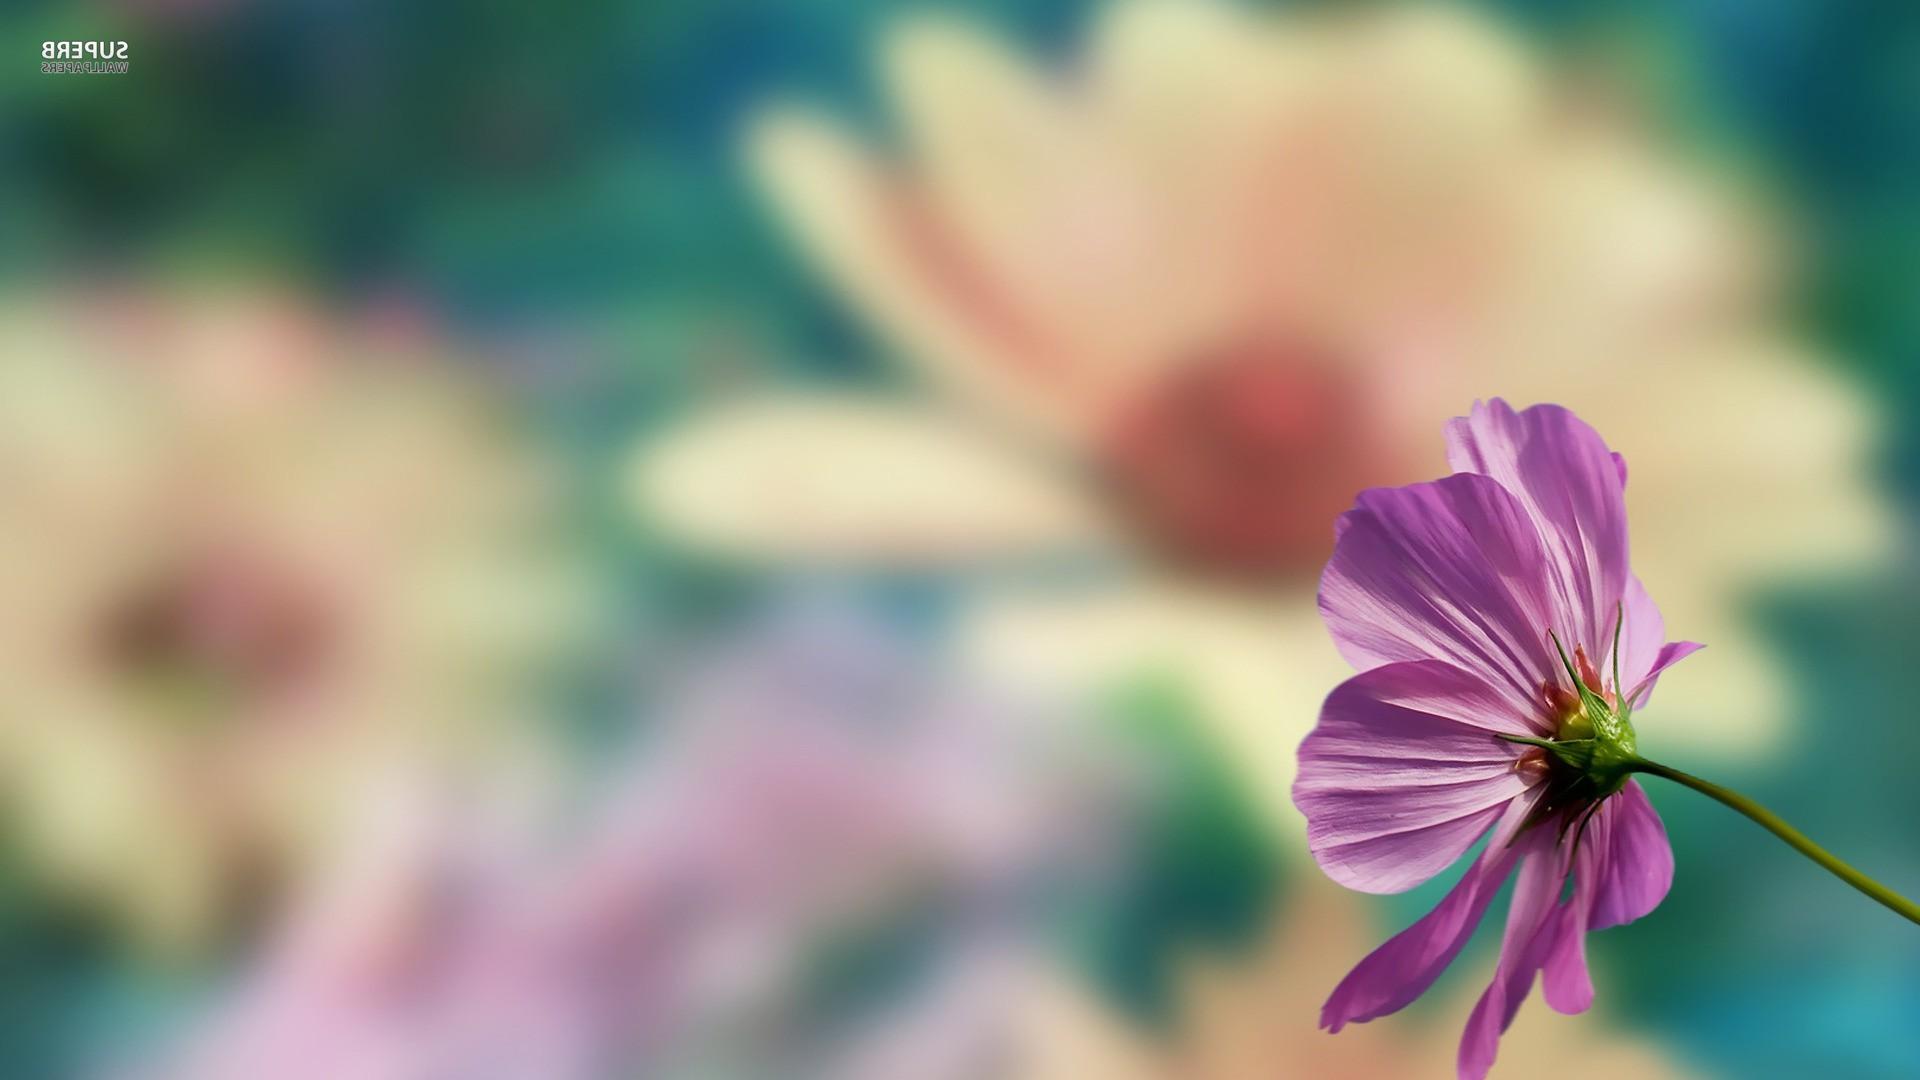 wallpaper 1920x1080 px blurred pink flowers 1920x1080